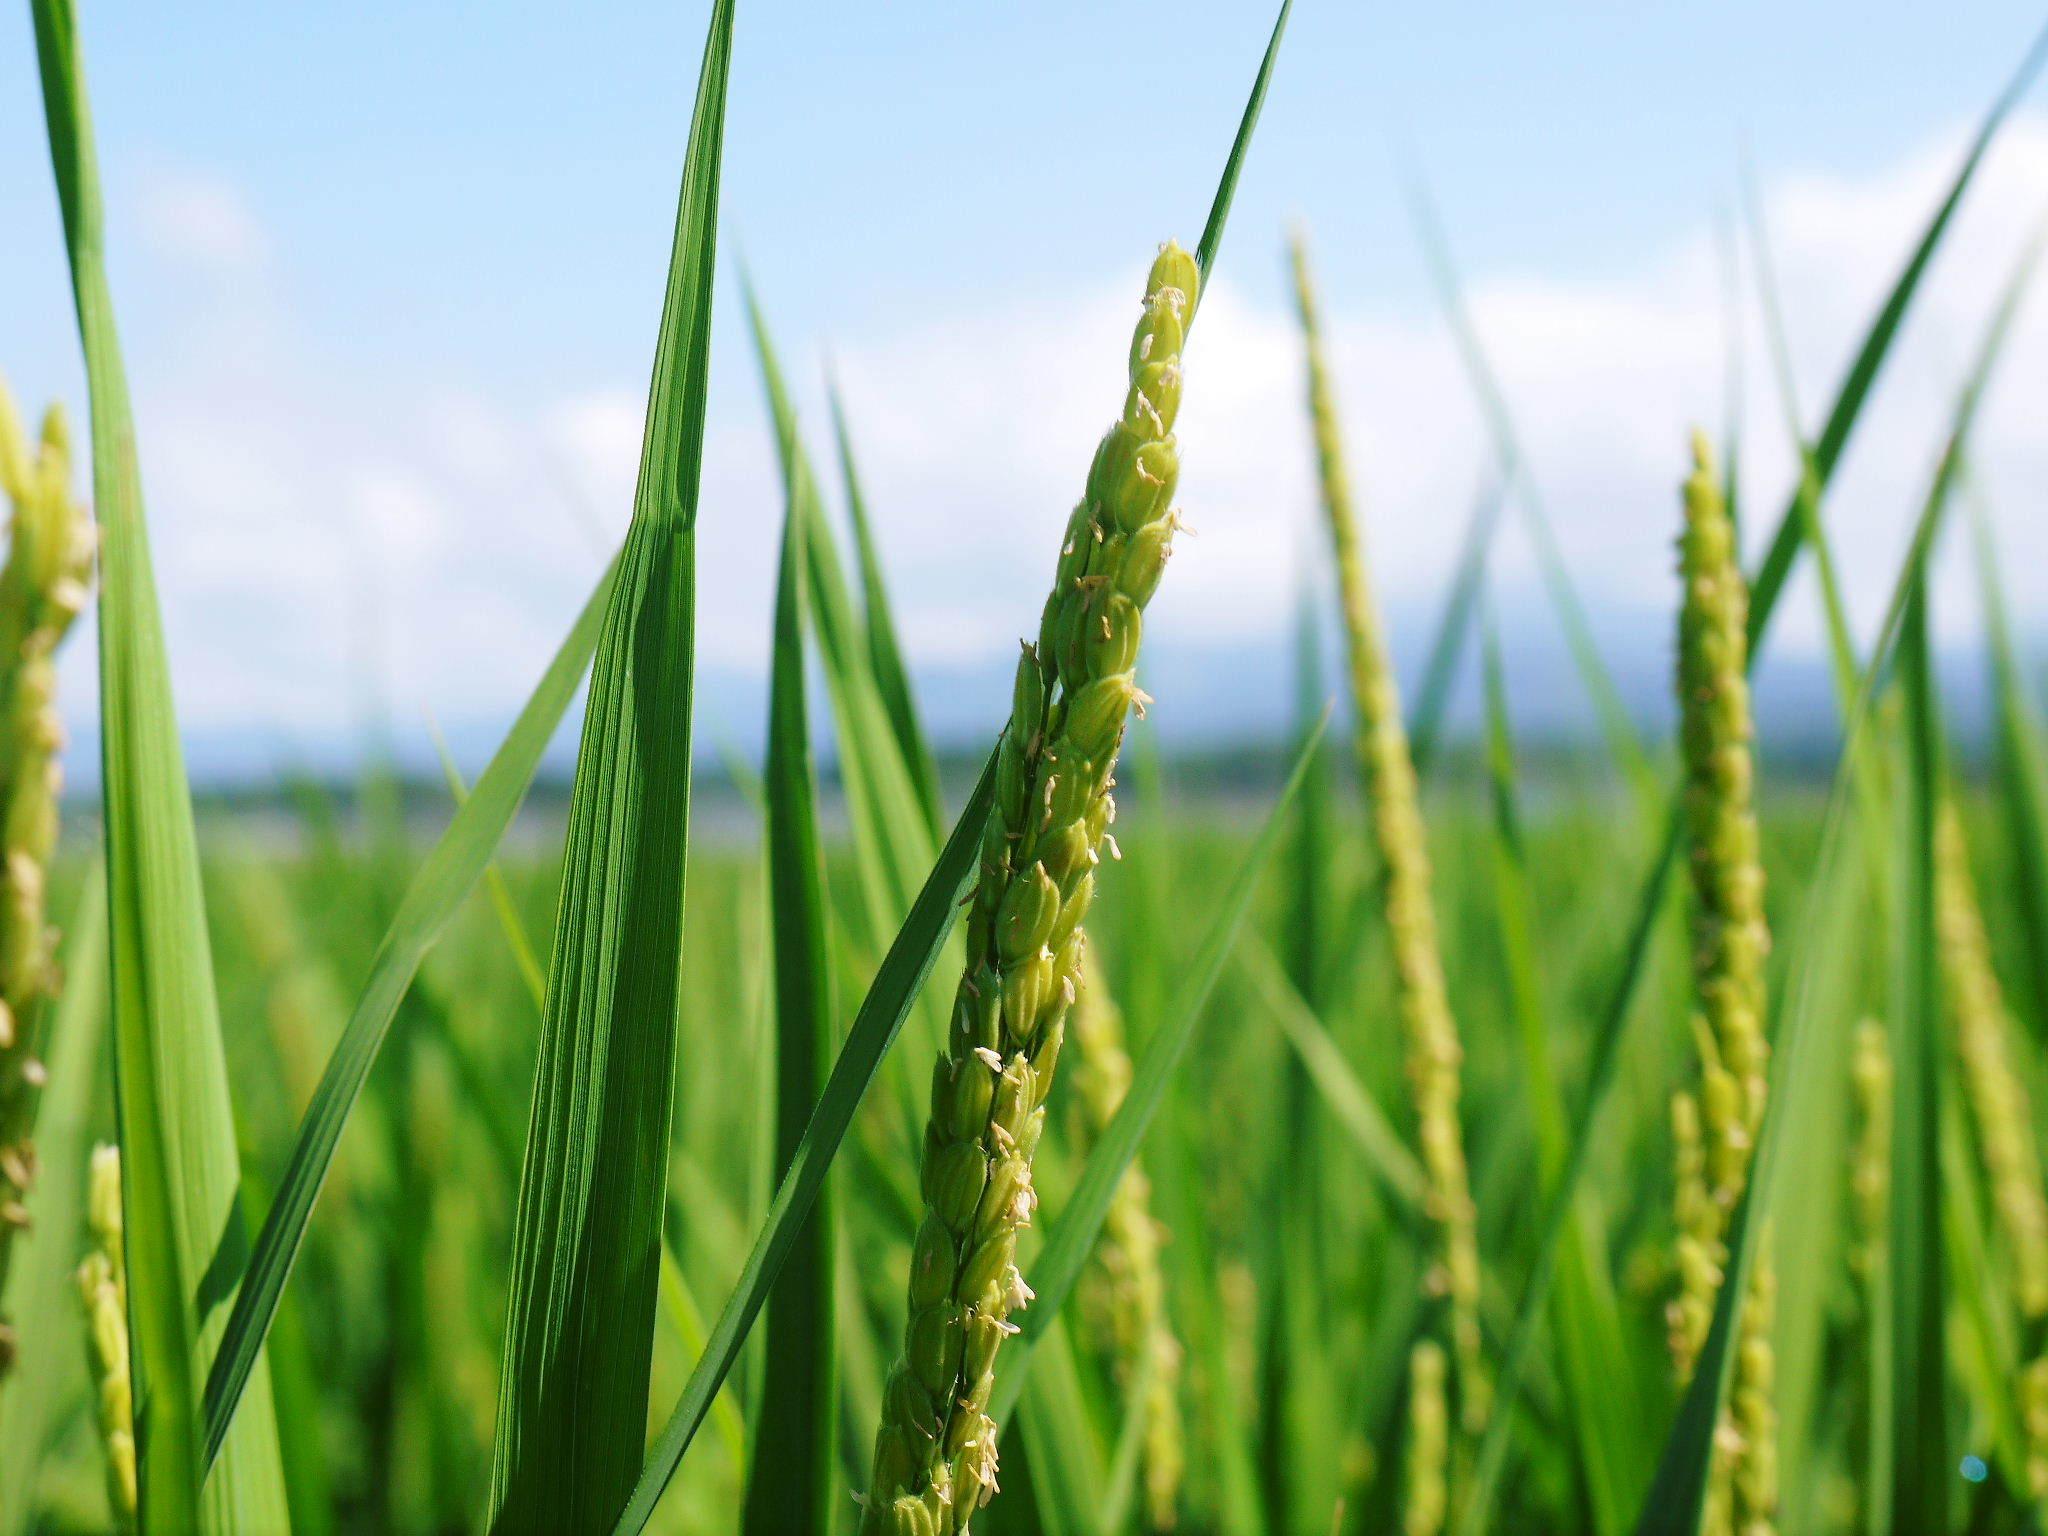 砂田米 花から頭を垂れ始めるまで!今年も順調に黄金色に色づき始めました! 令和3年度も減農薬栽培です!_a0254656_19275923.jpg